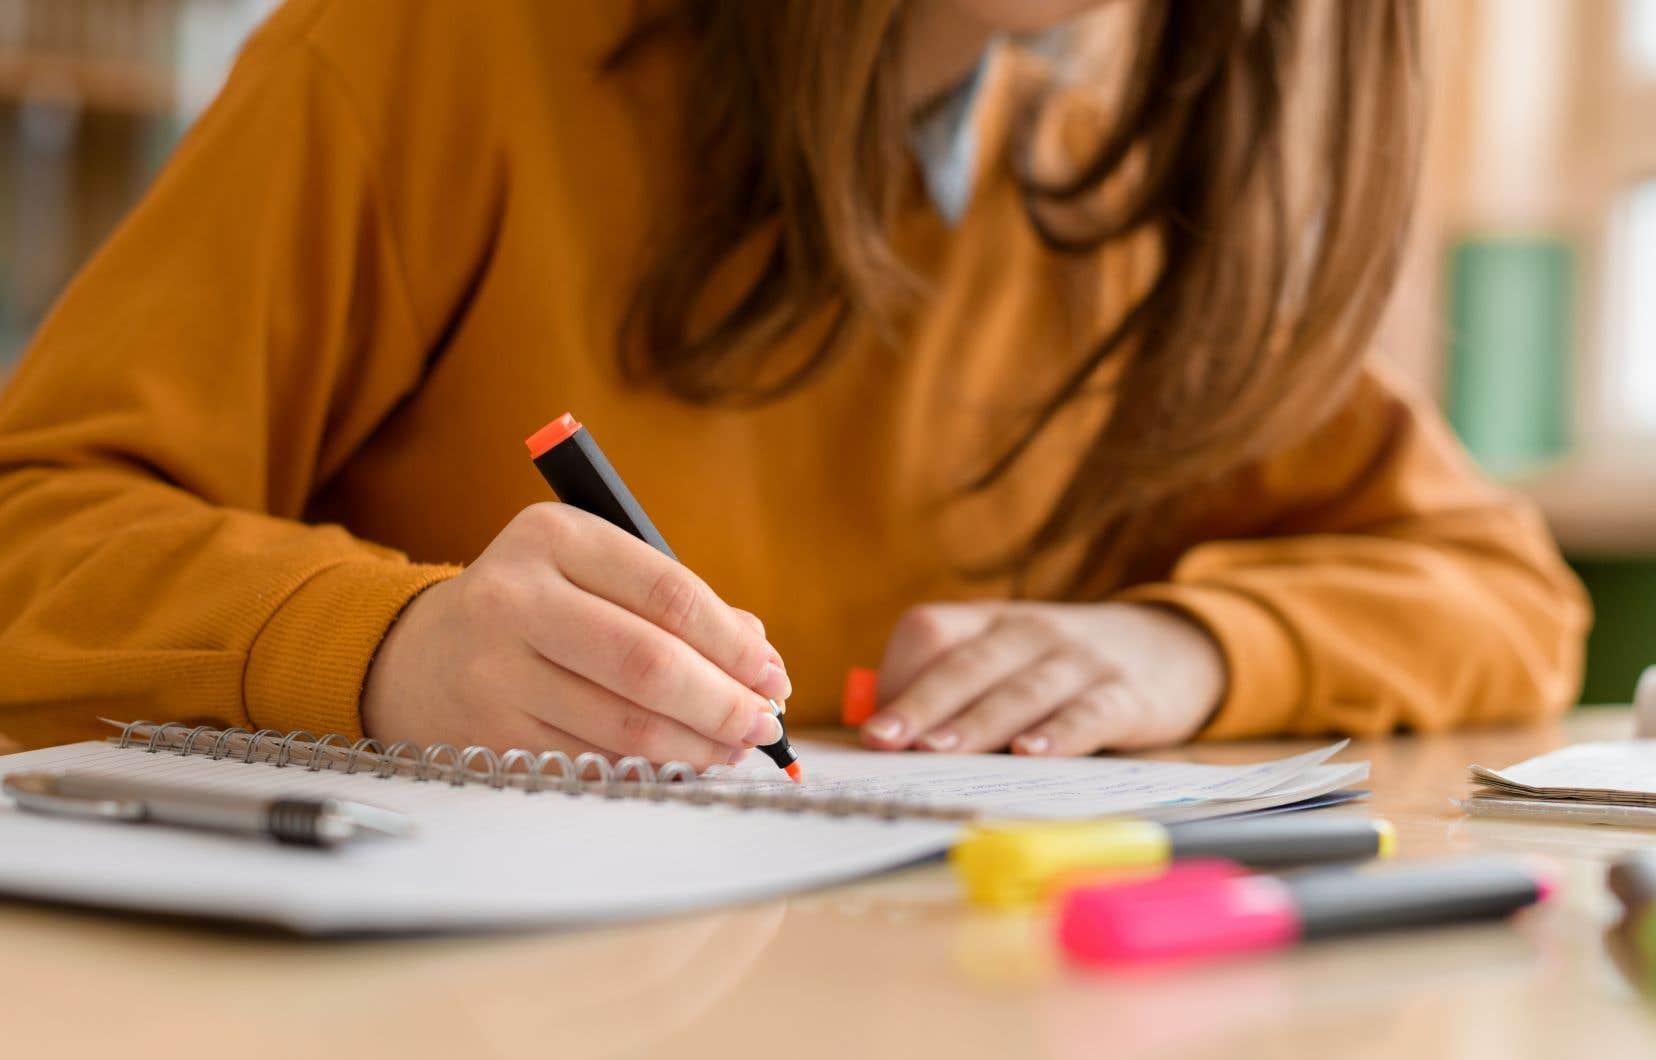 «Pour l'épreuve d'écriture de 2010, seulement 56,7% des élèves réussissaient le critère relatif à l'orthographe lexicale et grammaticale», rappelle l'auteur.